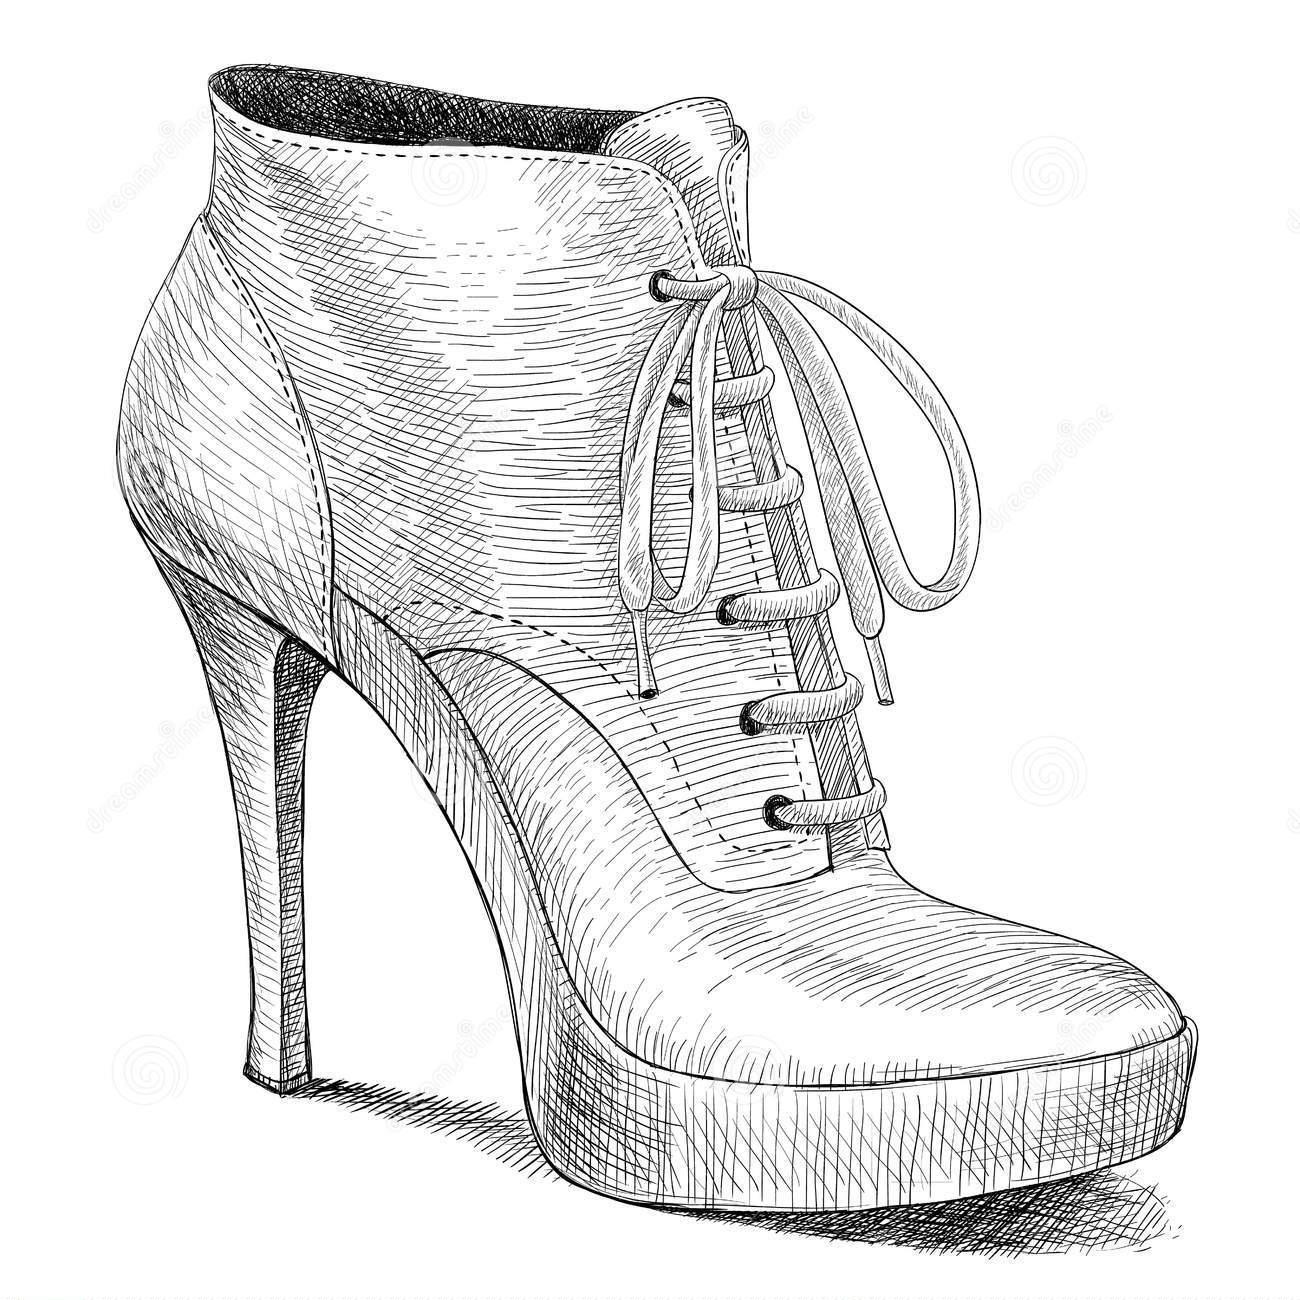 Topuklu Ayakkabı Karakalem Çizimleri ~ Karakalem Çizimleri